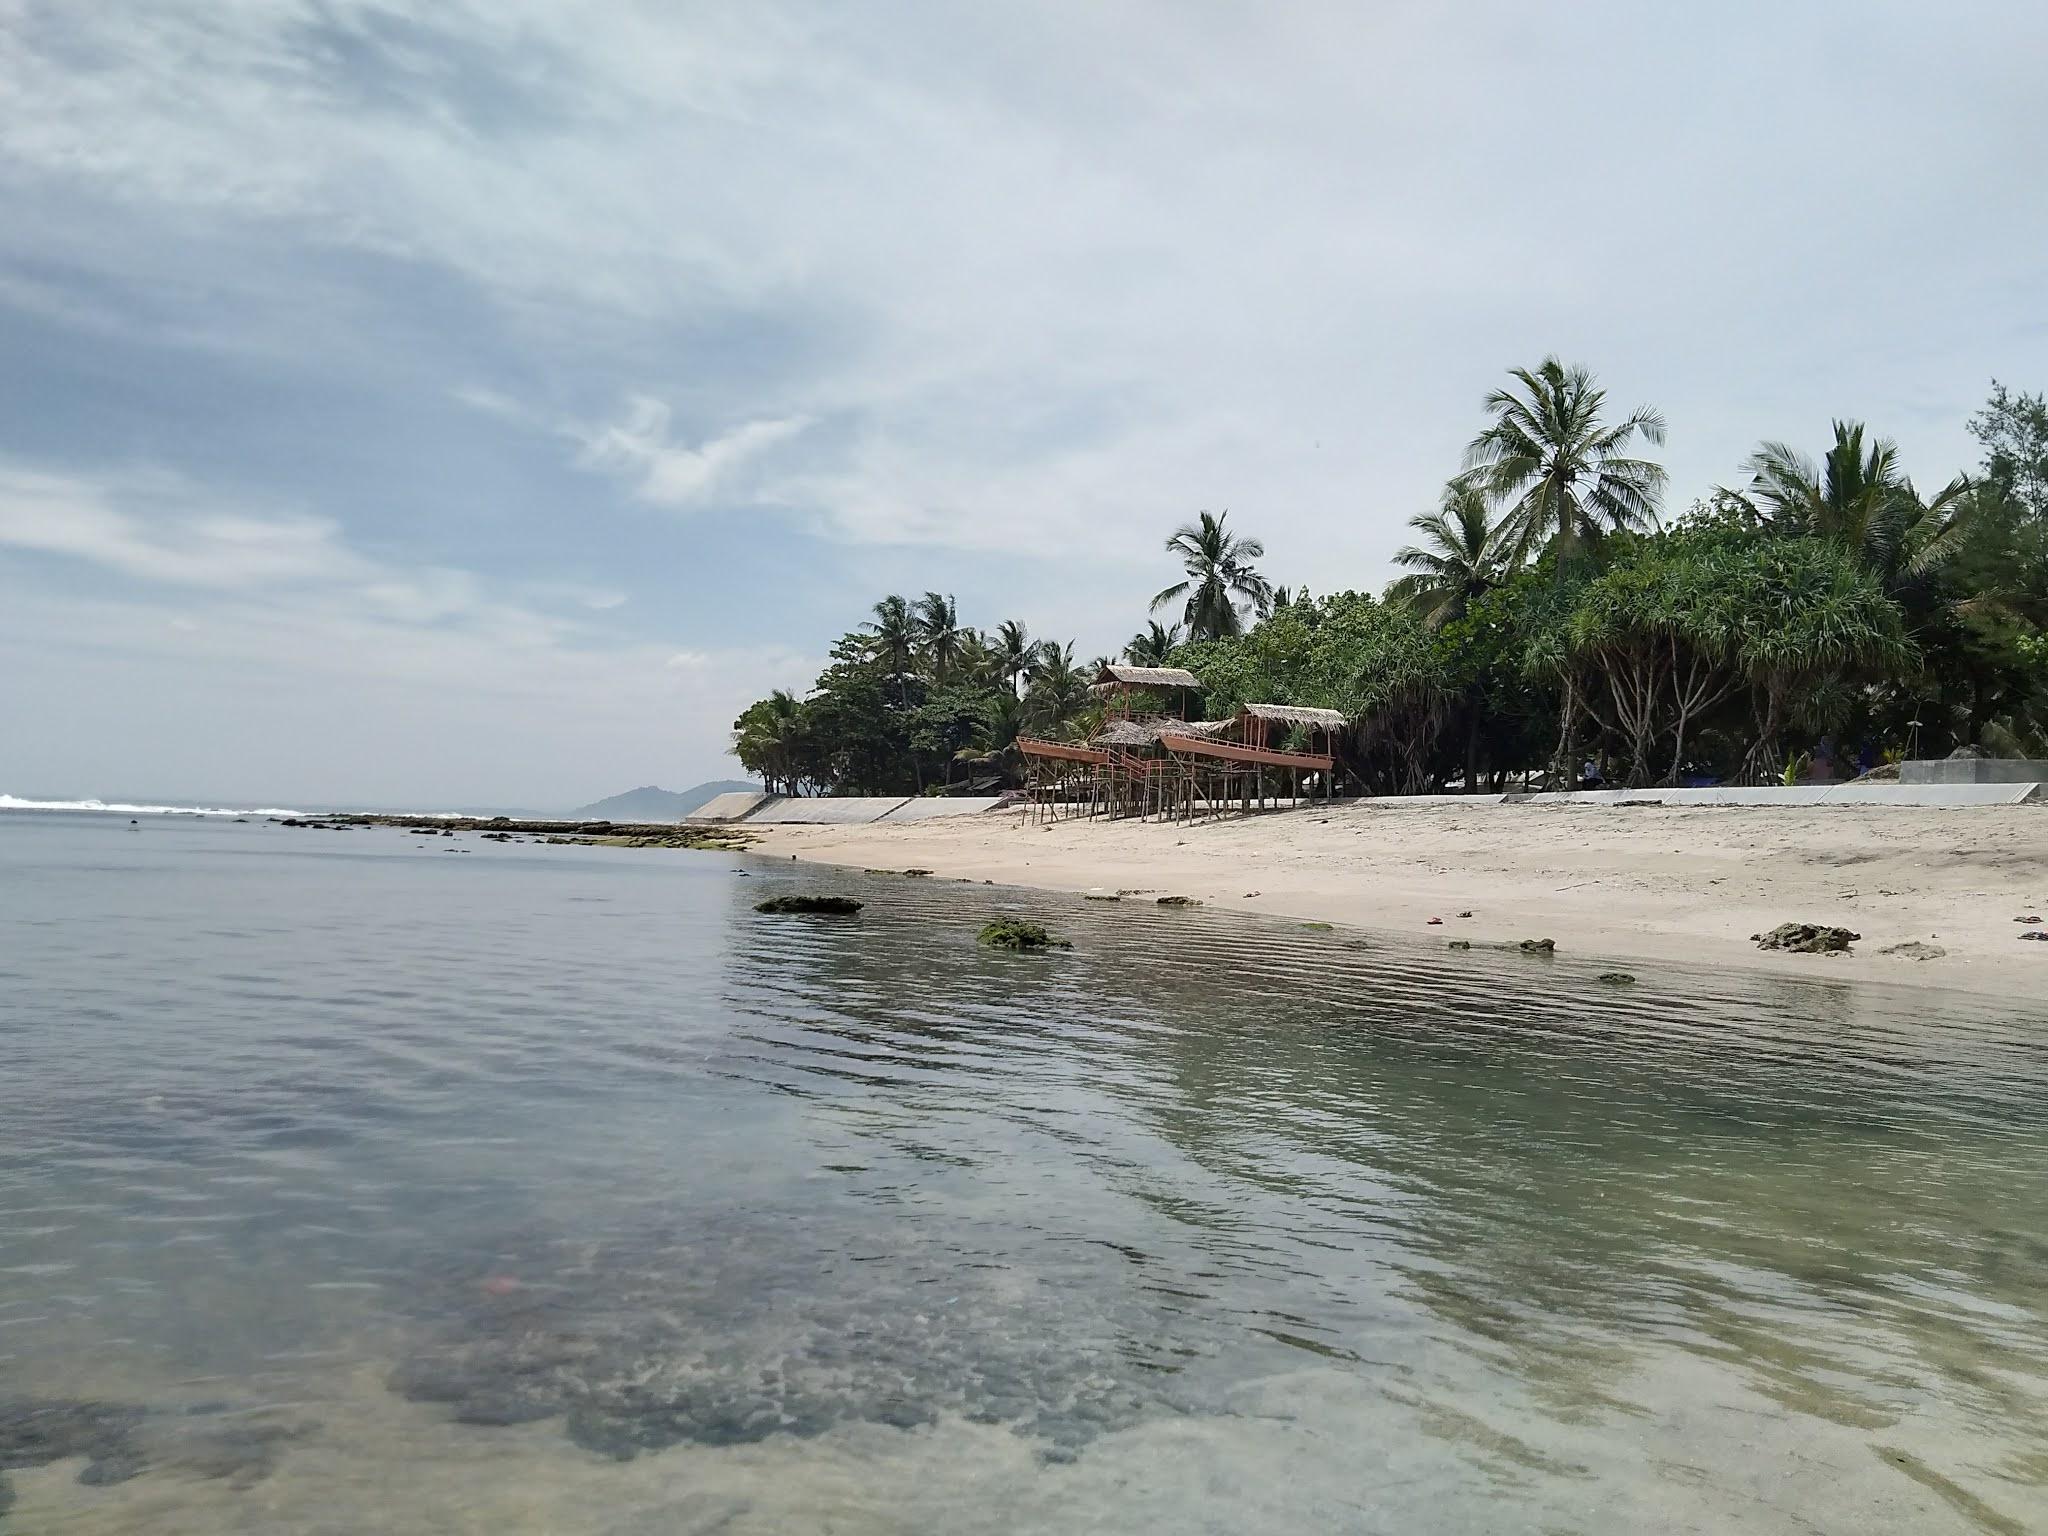 pantai karapyak spot 1